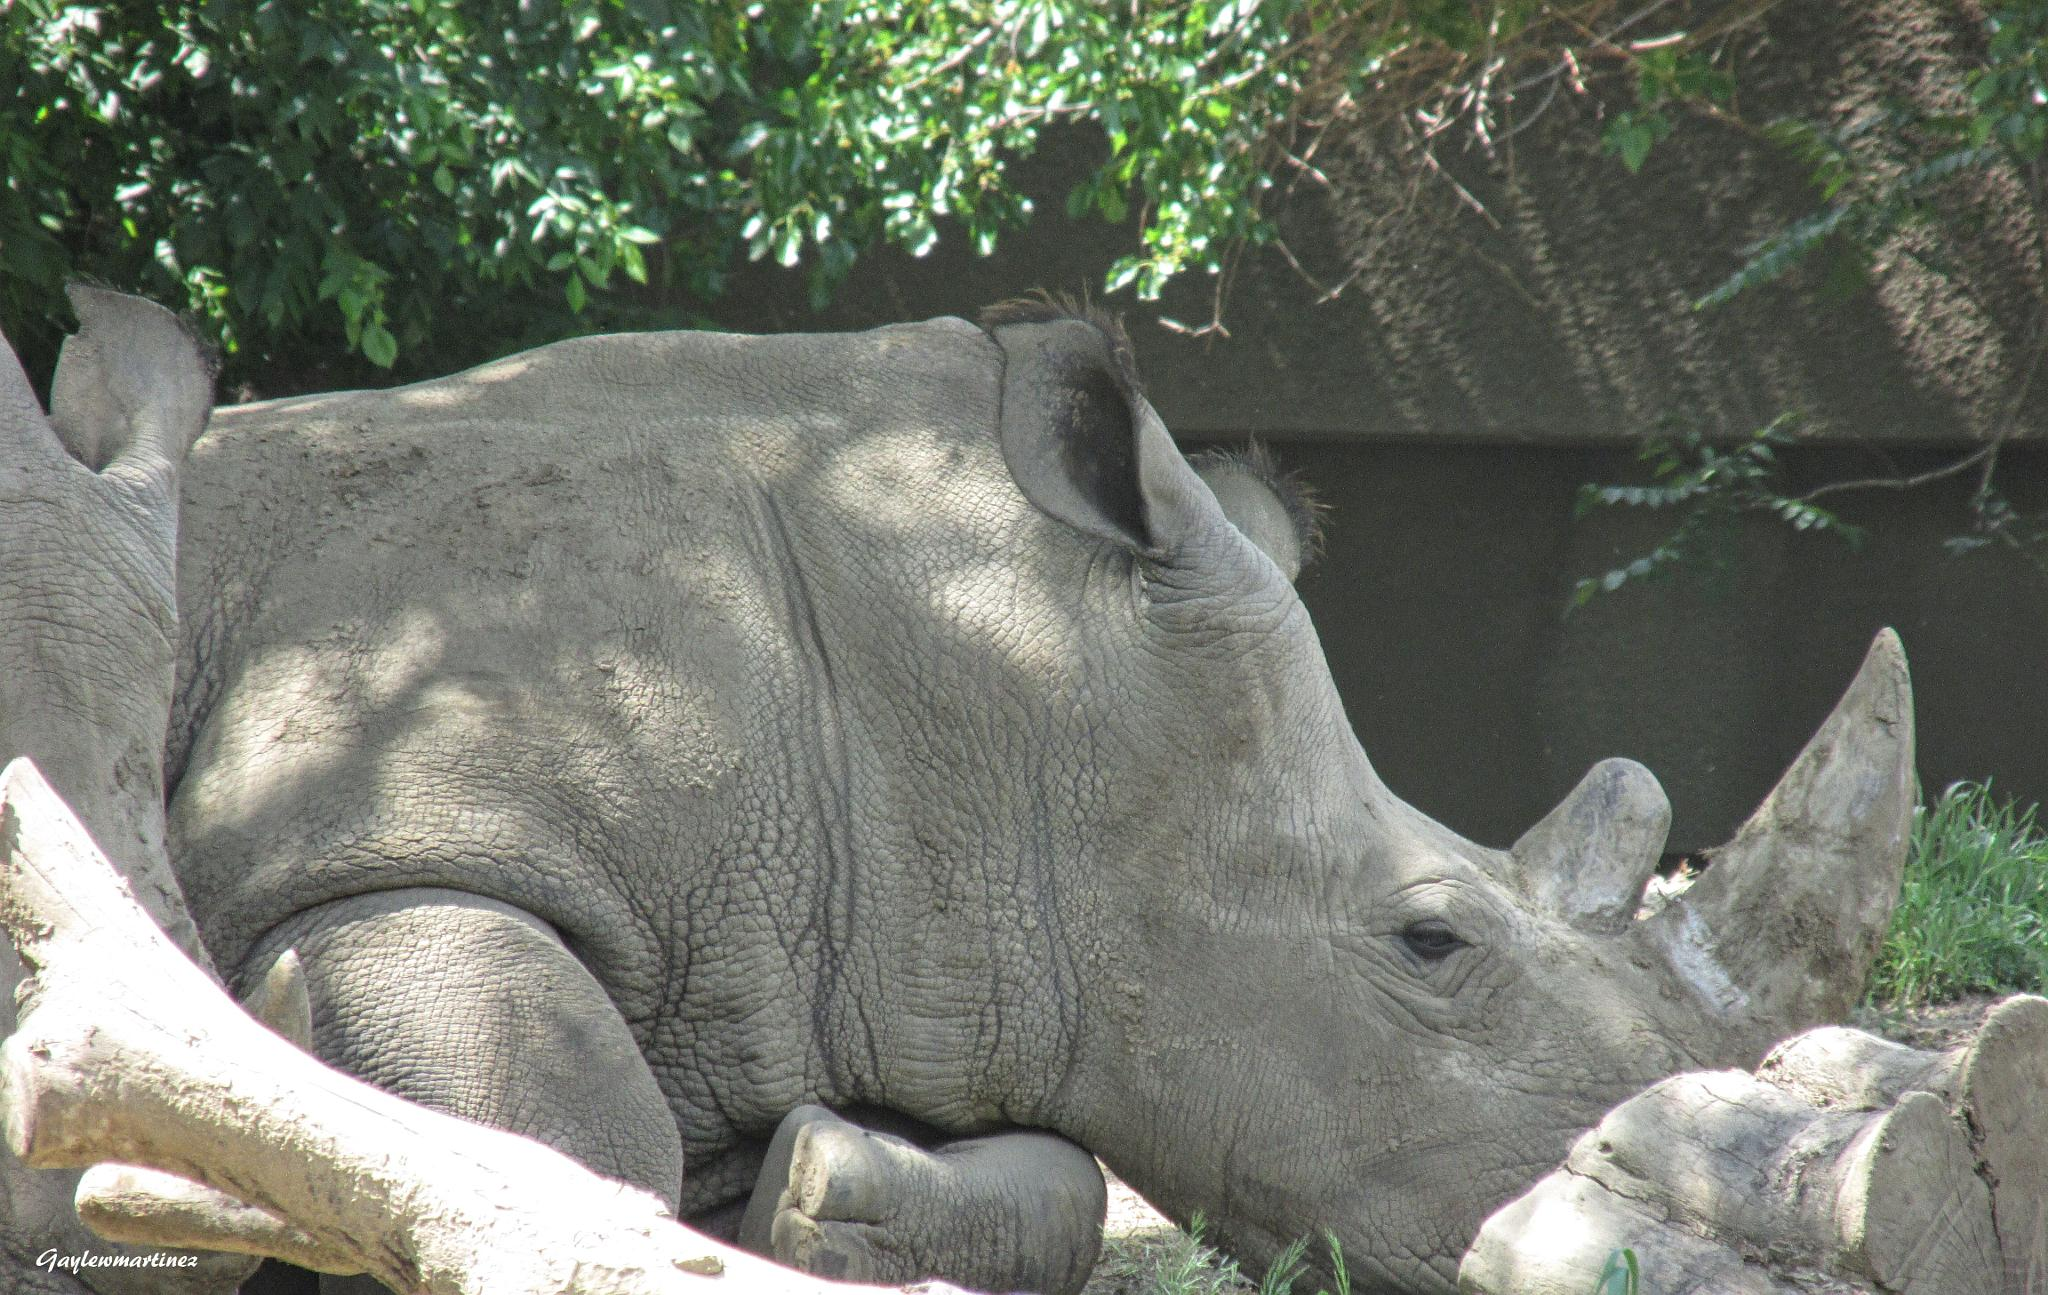 White Rhino by gayle.wolfemartinez